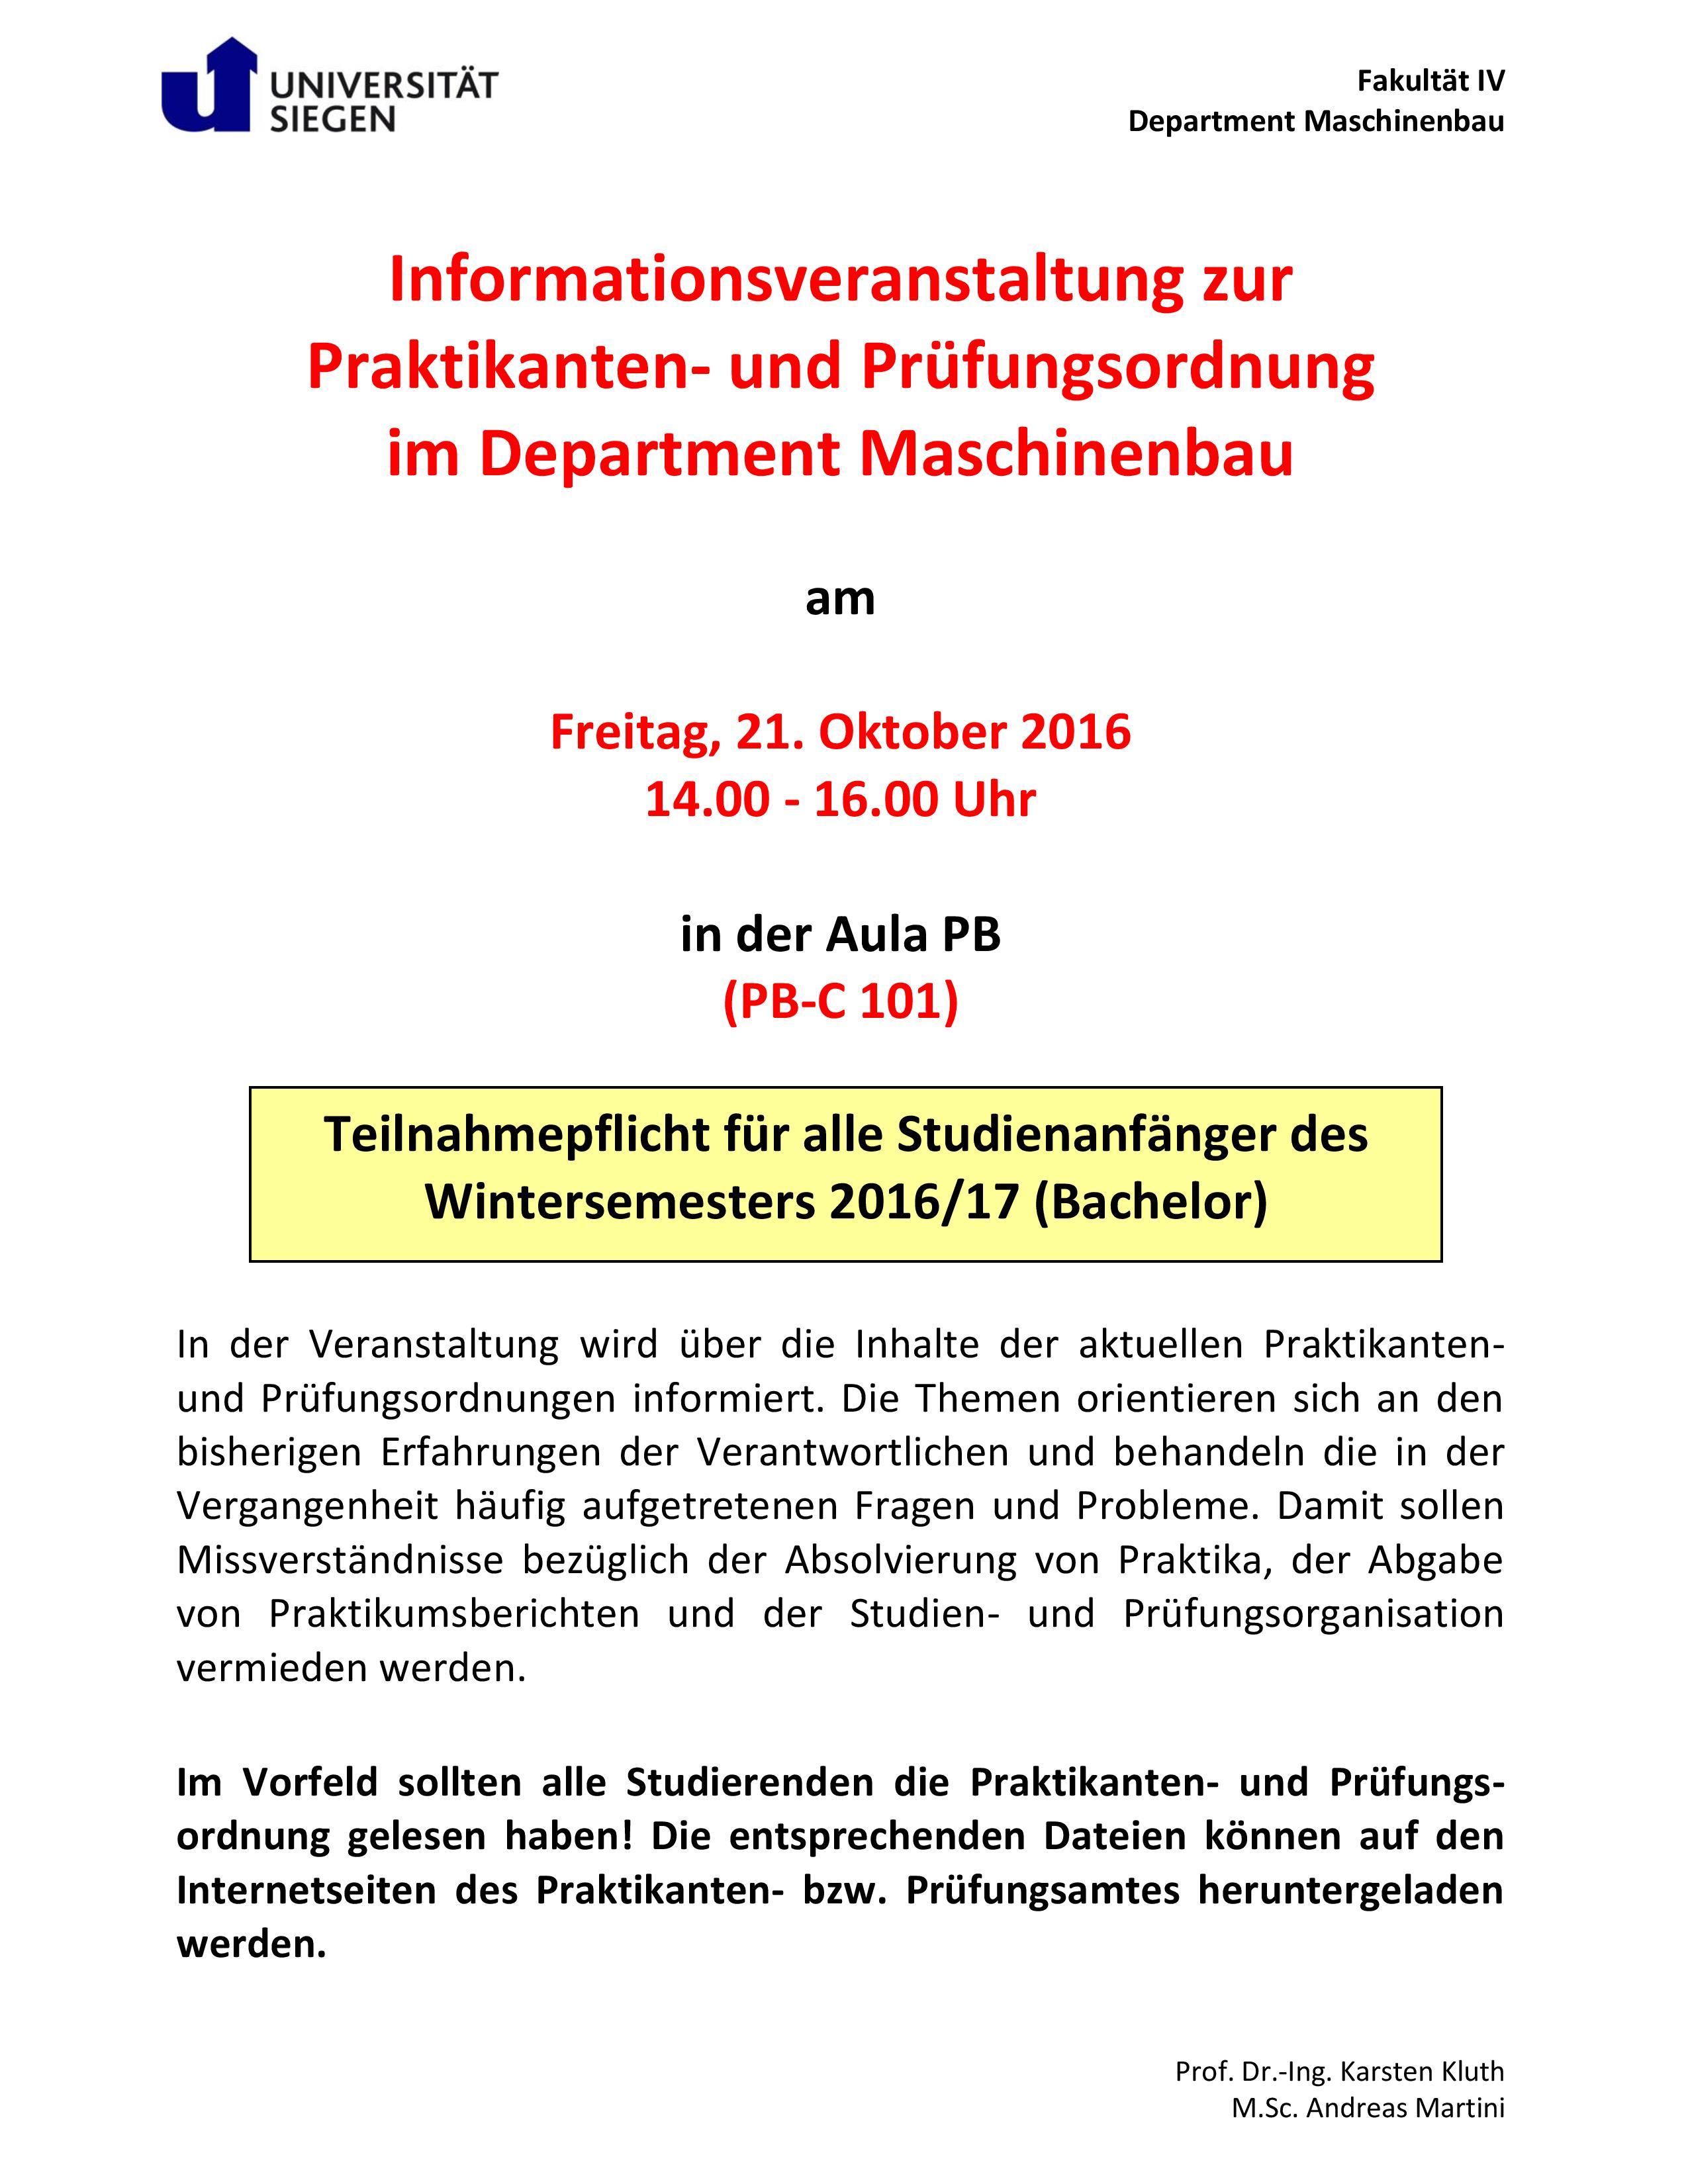 infoveranstaltung-praktikanten-und-pruefungsordnung-2016_17